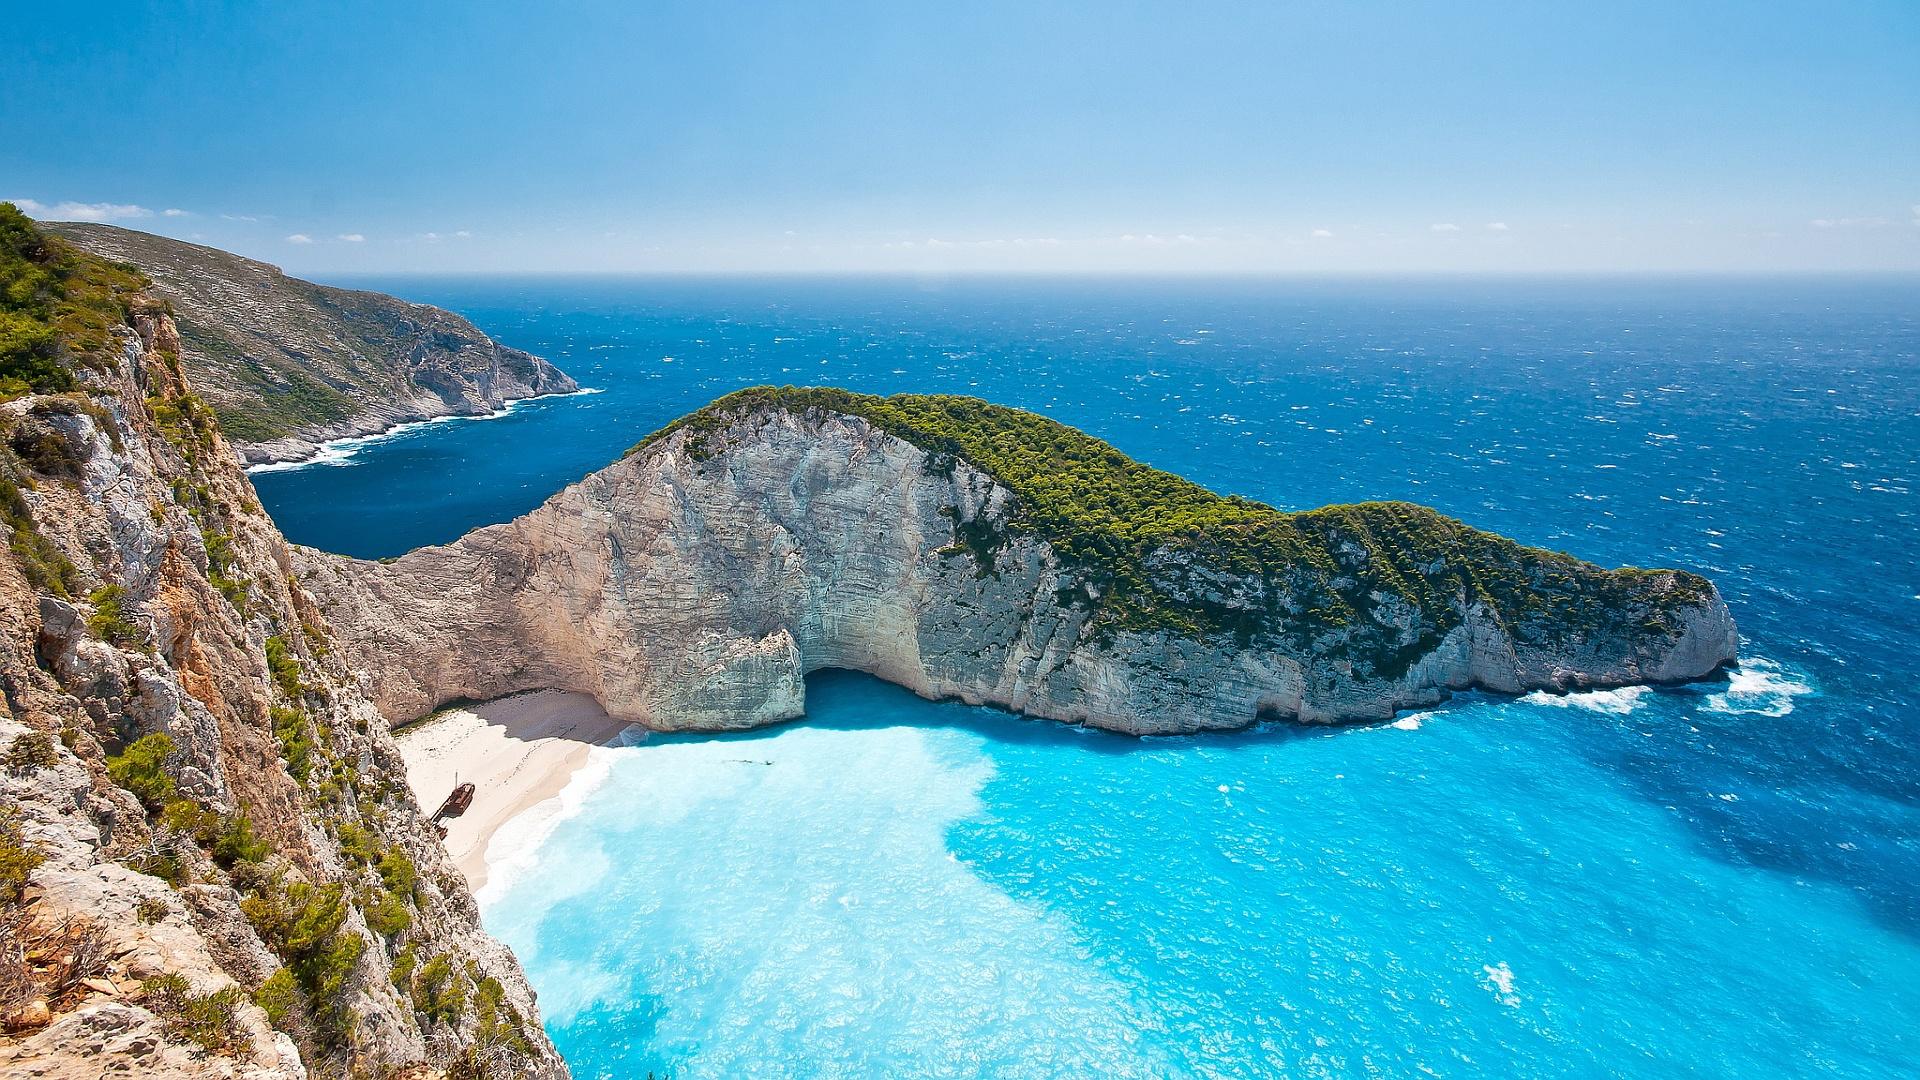 Zakynthos Island Beach 6981227 1920x1080